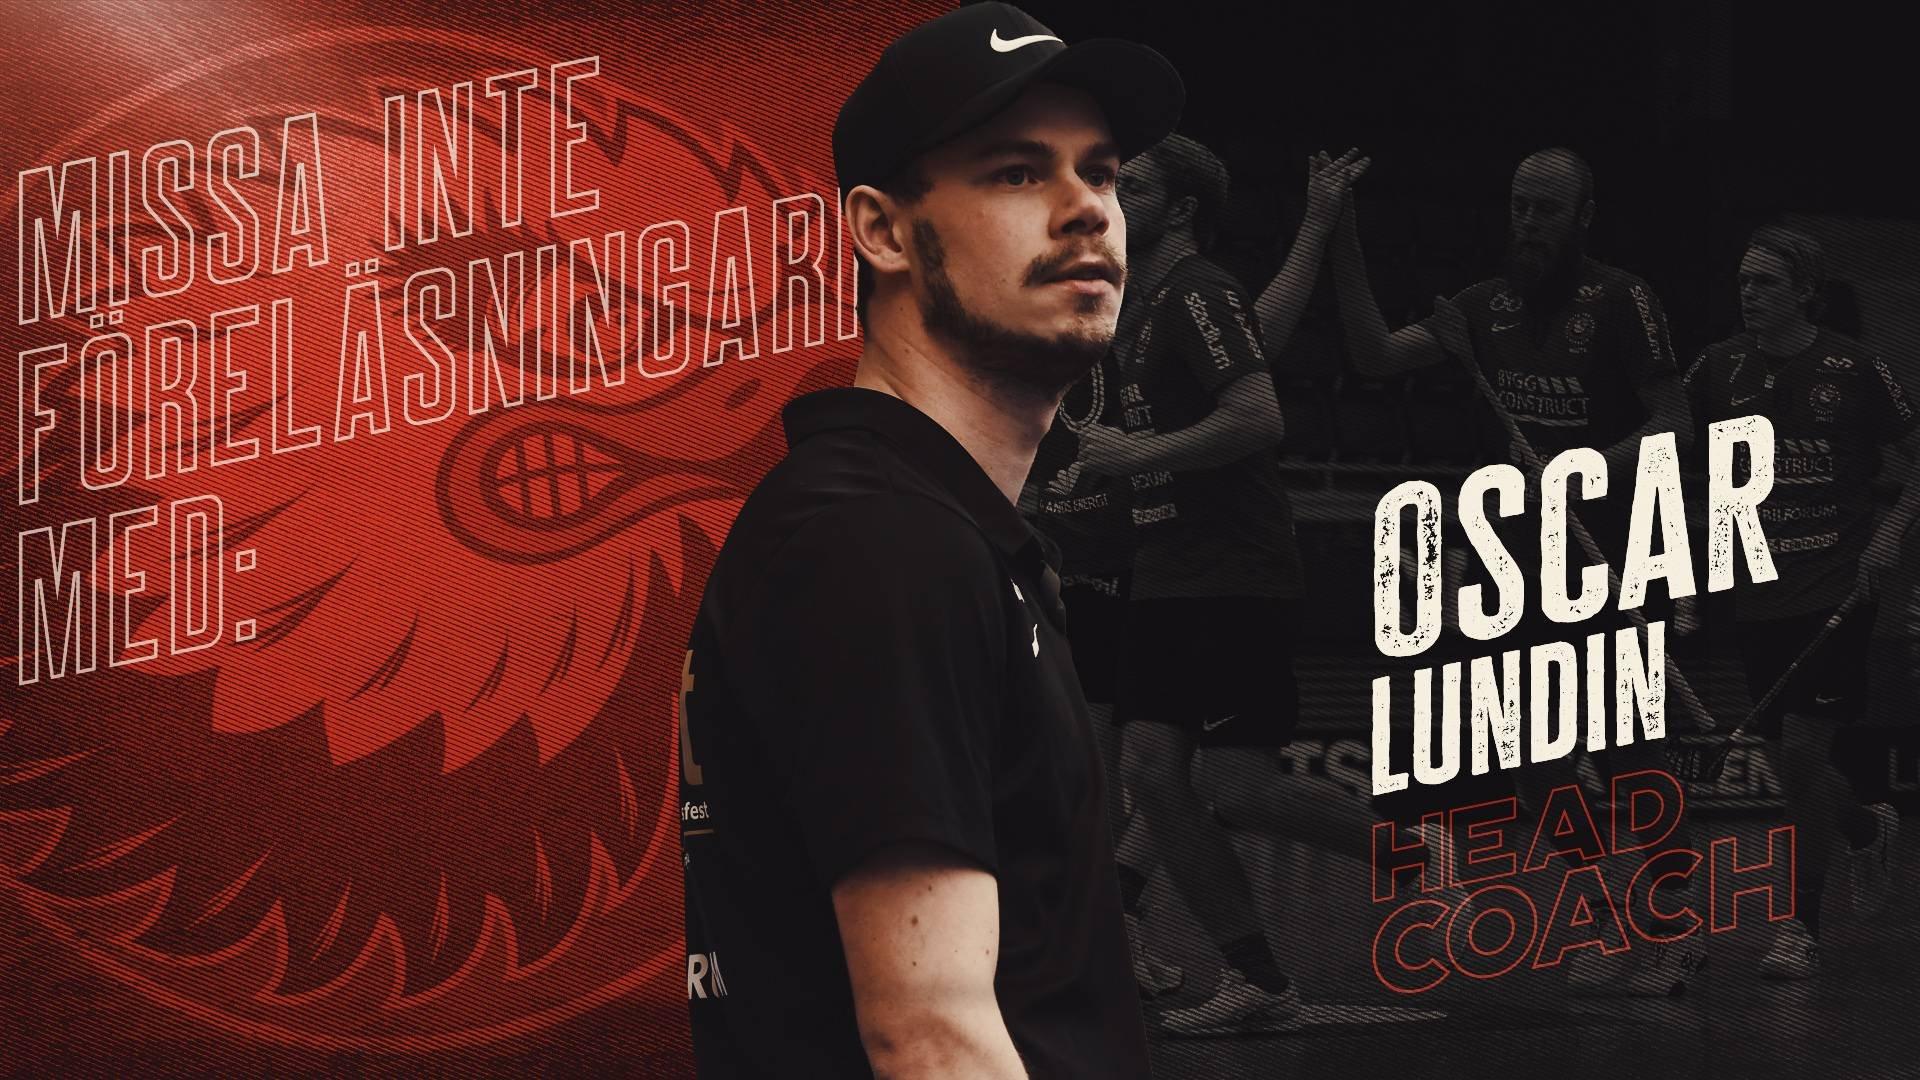 Webbföreläsningar med Oscar Lundin nästa vecka!